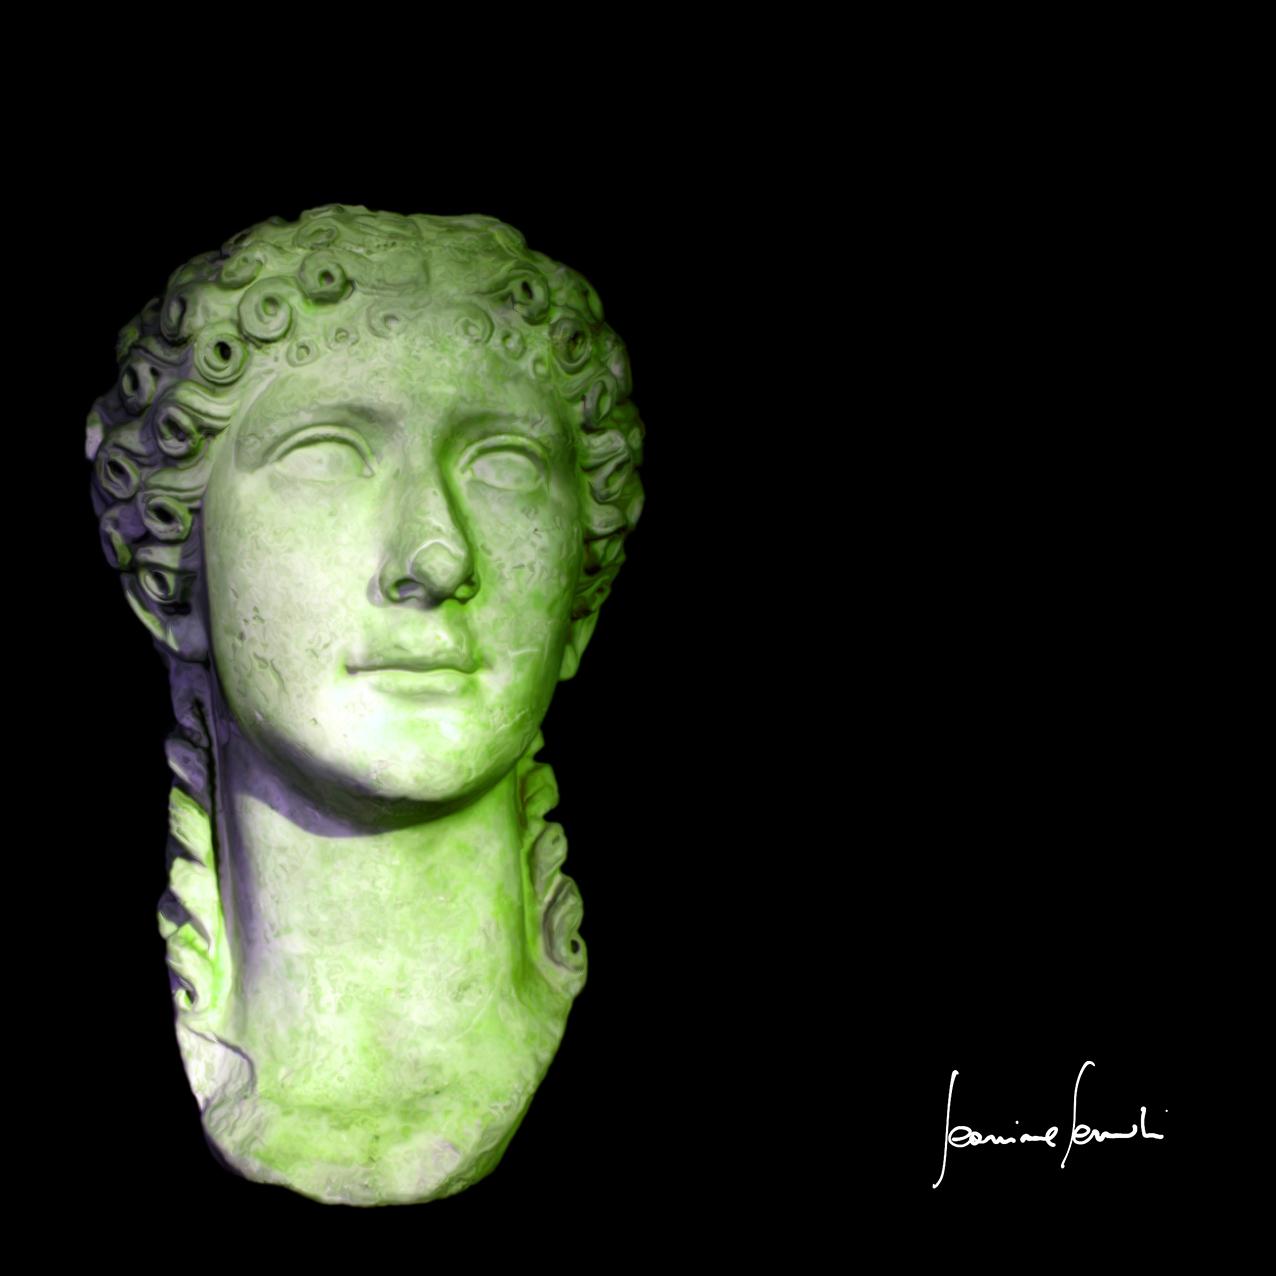 Jeanine Jeudi